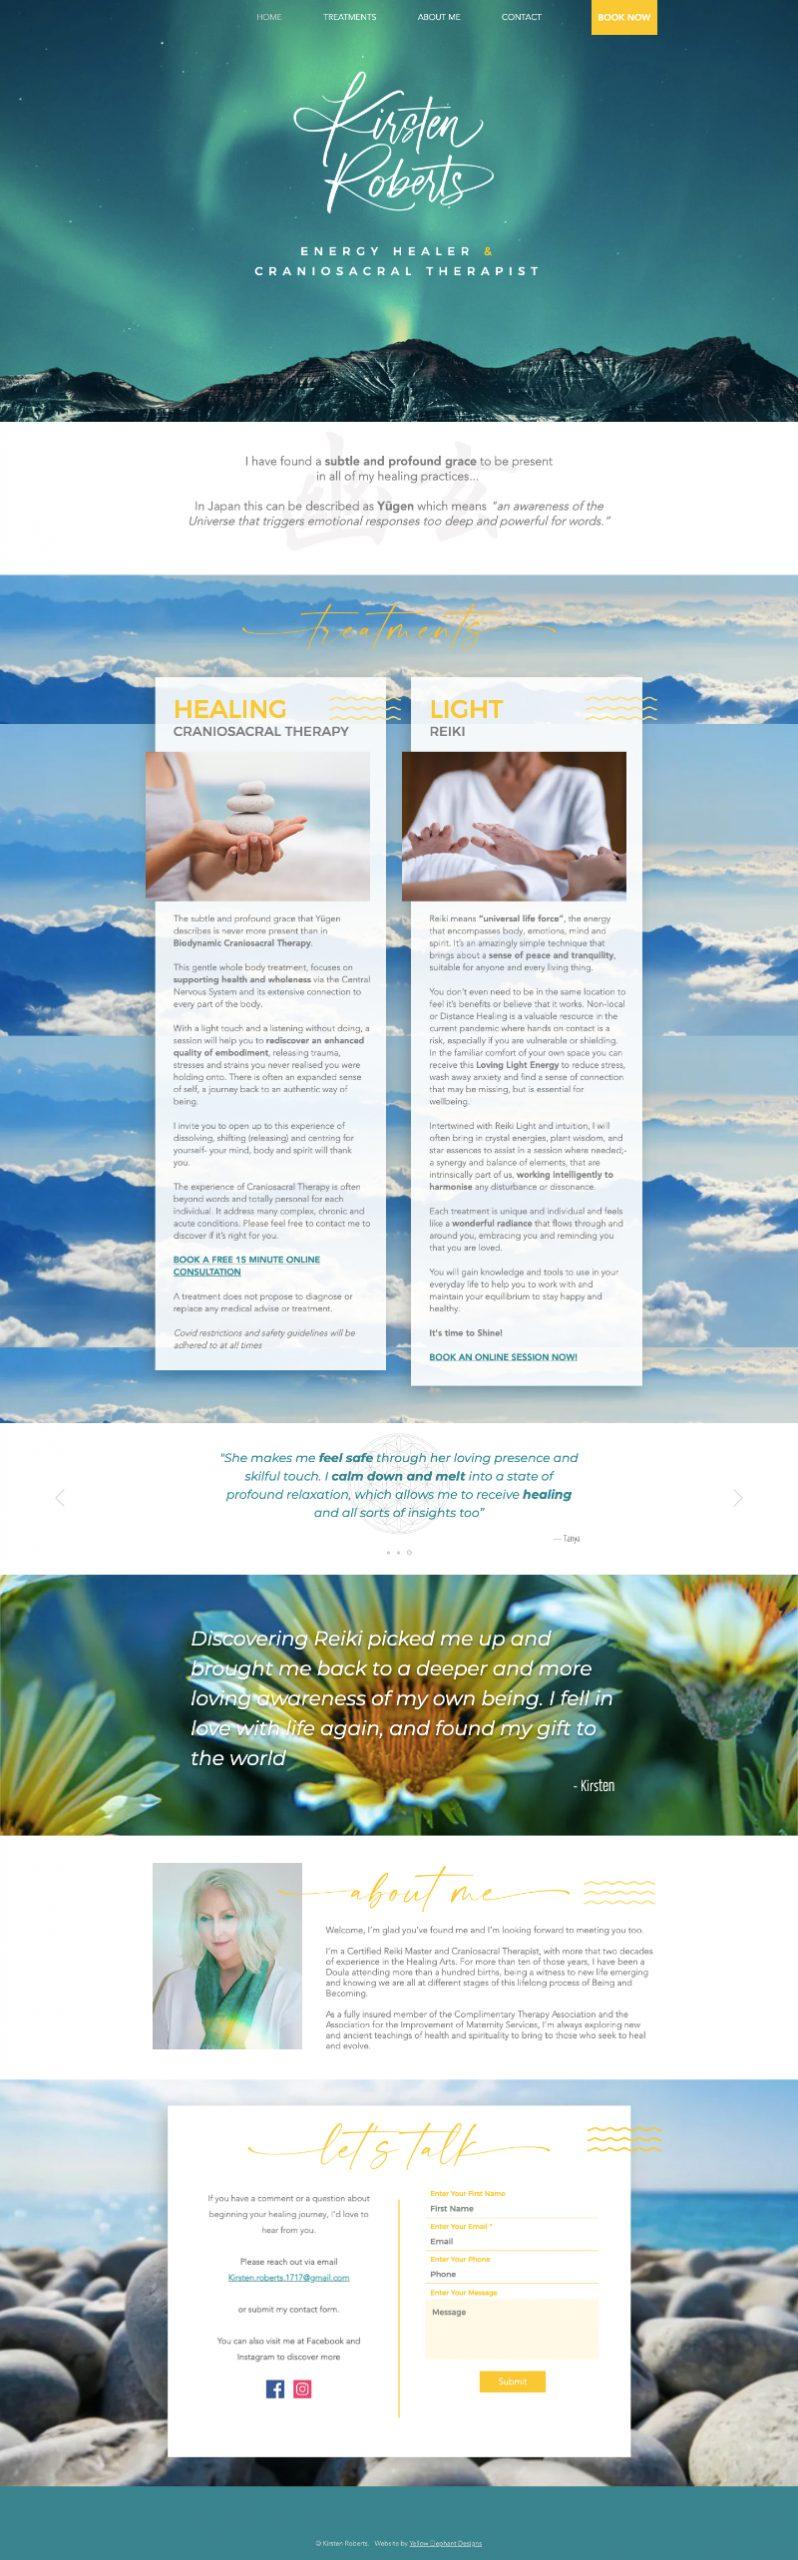 Kirsten Roberts Website